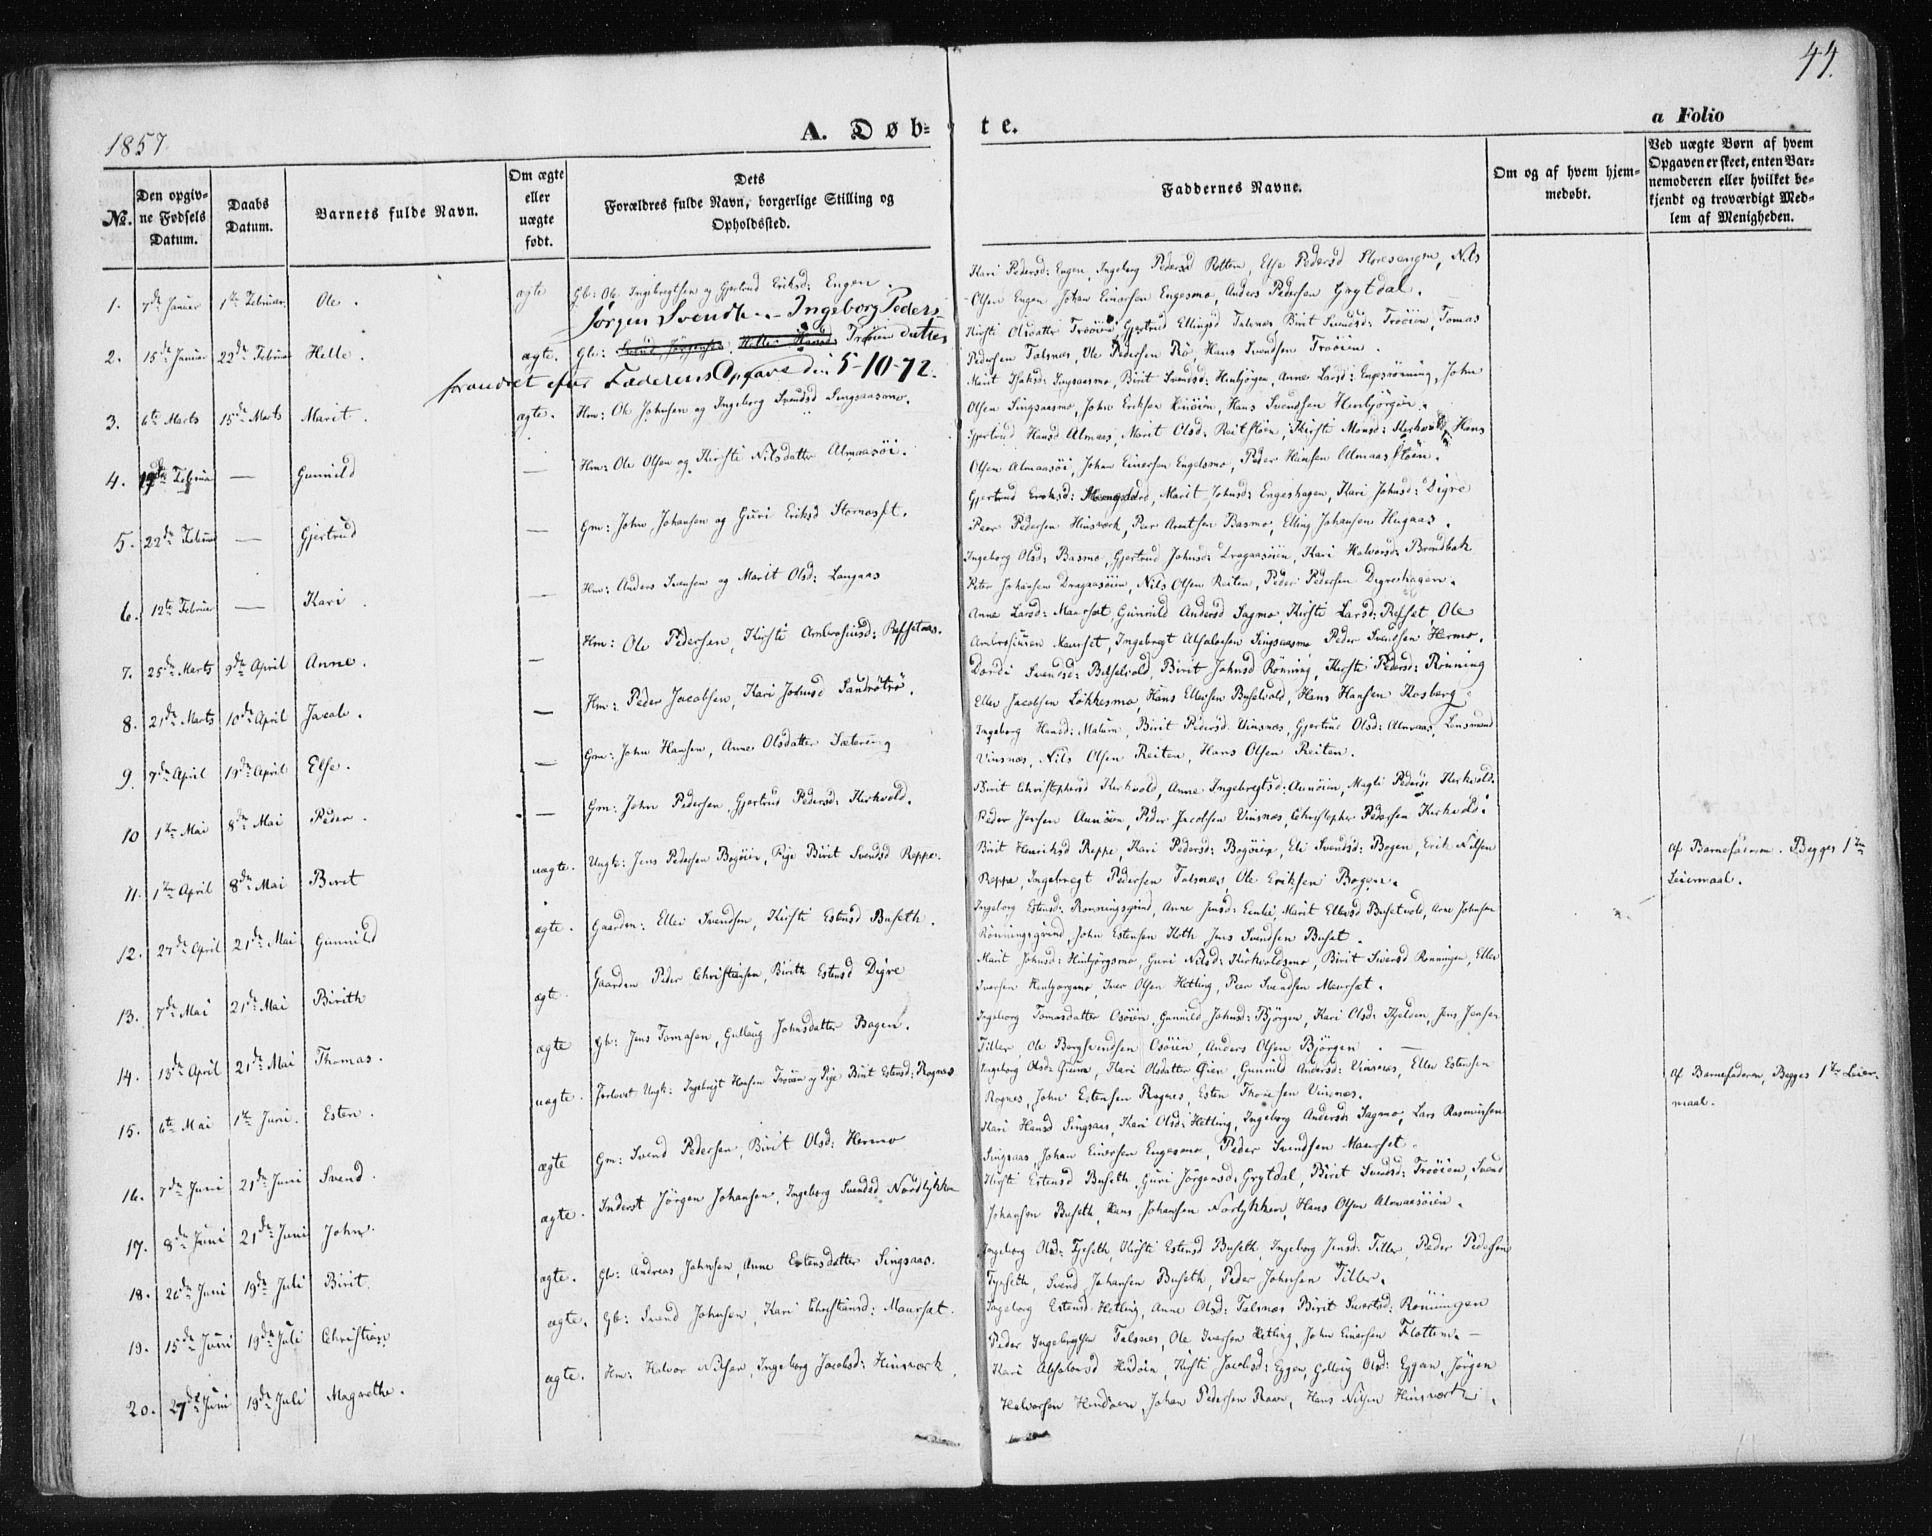 SAT, Ministerialprotokoller, klokkerbøker og fødselsregistre - Sør-Trøndelag, 685/L0964: Ministerialbok nr. 685A06 /2, 1846-1859, s. 44